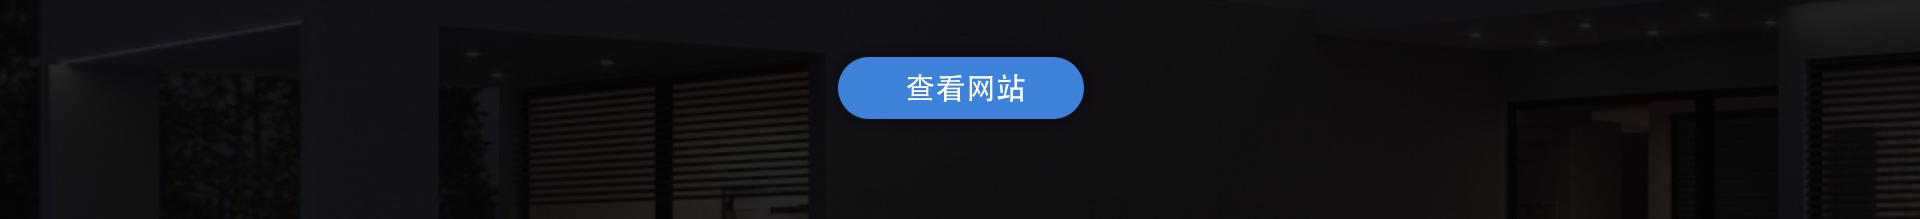 沈萌-云企案例沈萌-嘉创音响_02